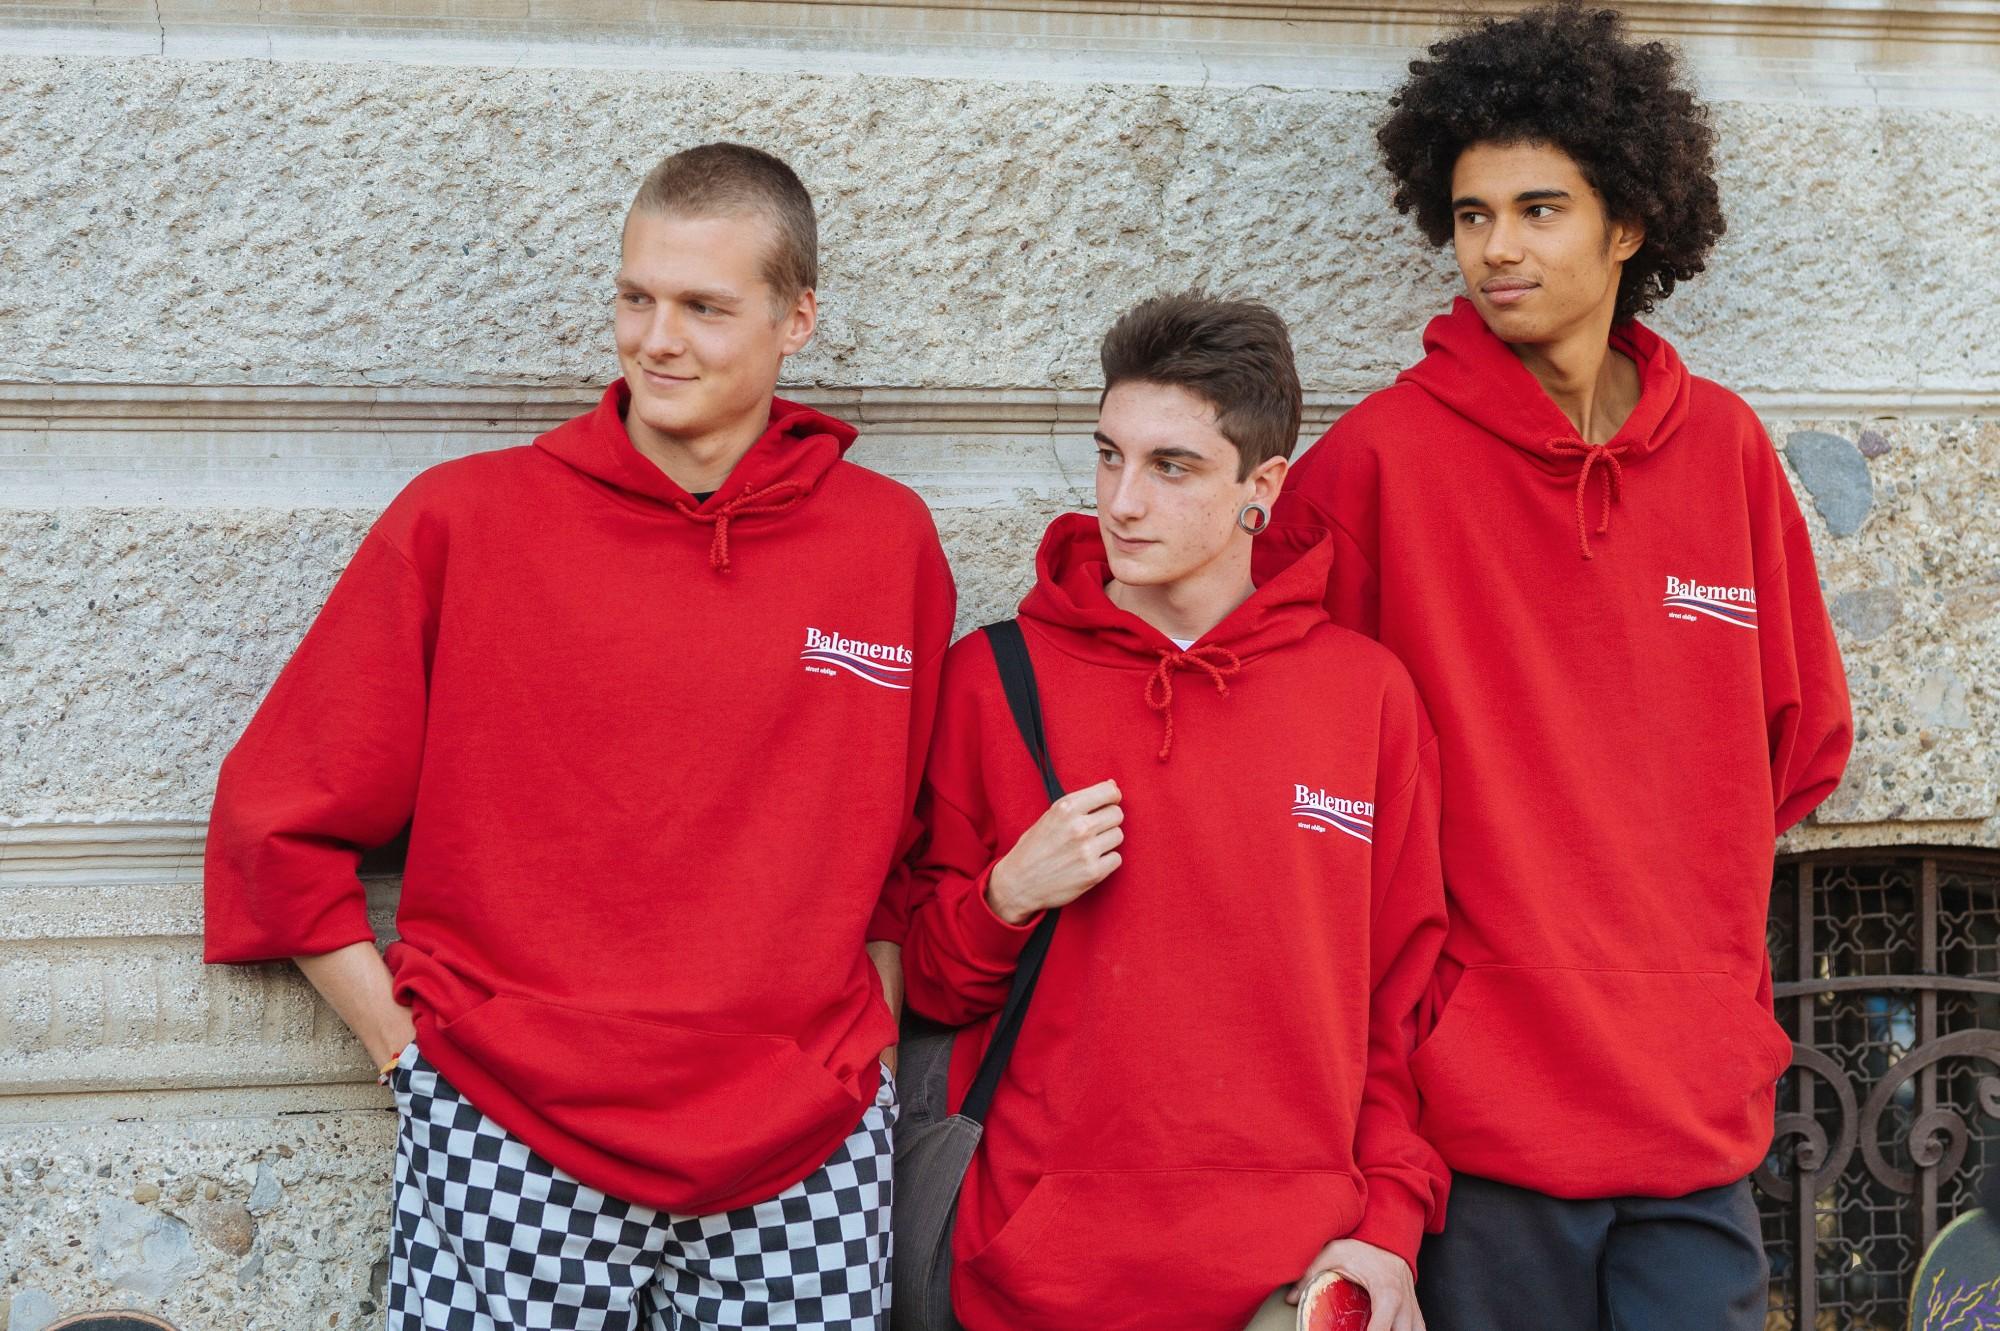 Street Style: Milan Fashion Week Part 2